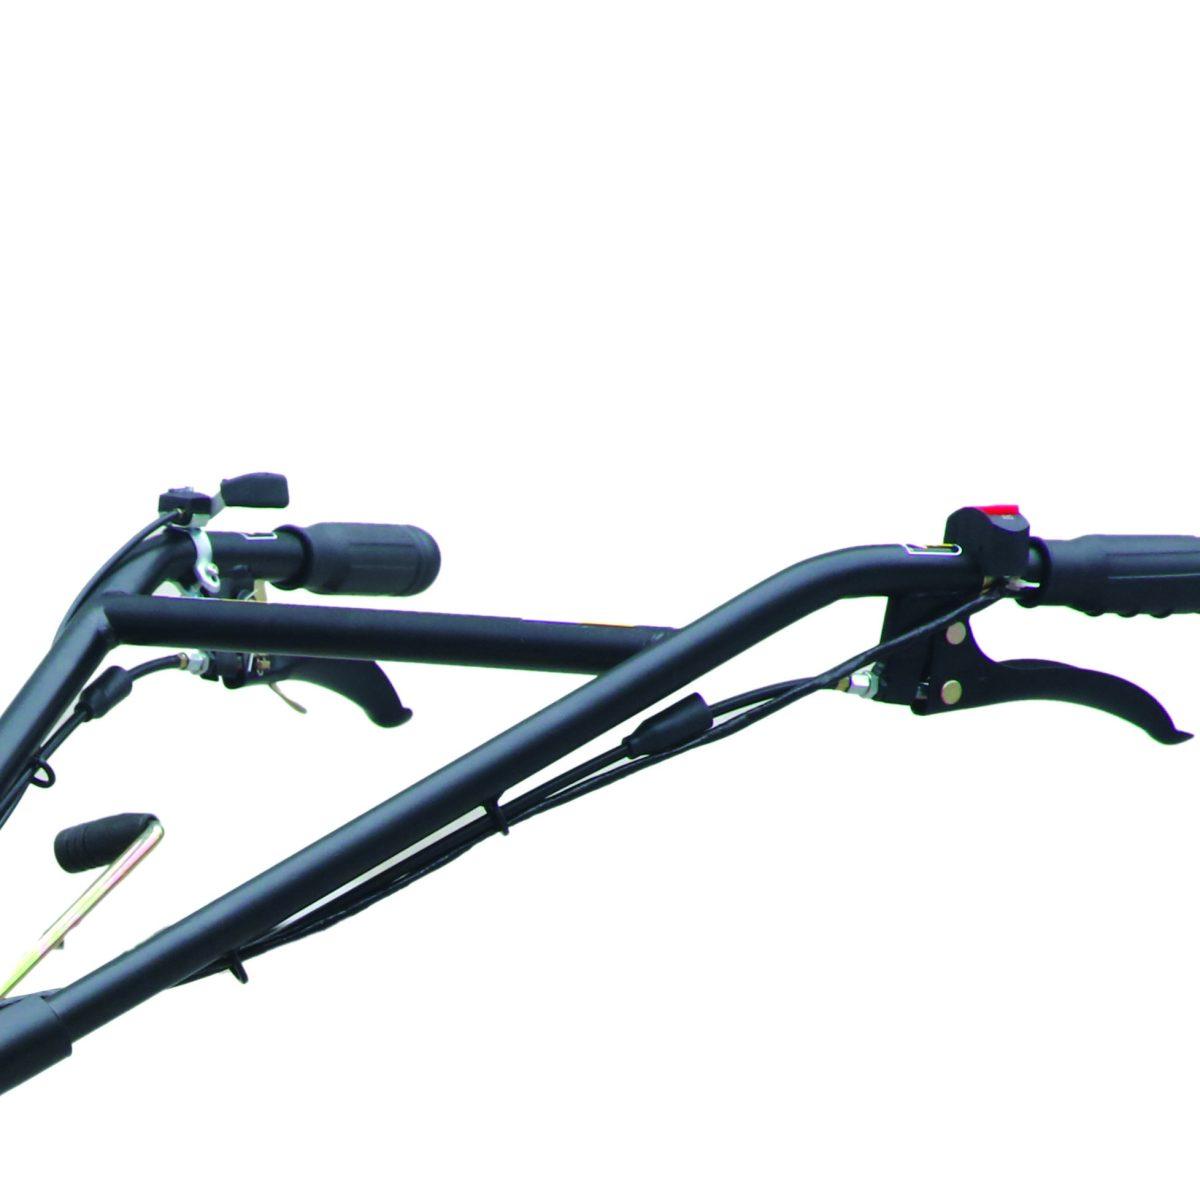 Σκαπτικό βενζίνης 110cm NAKAYAMA MB7000Classic